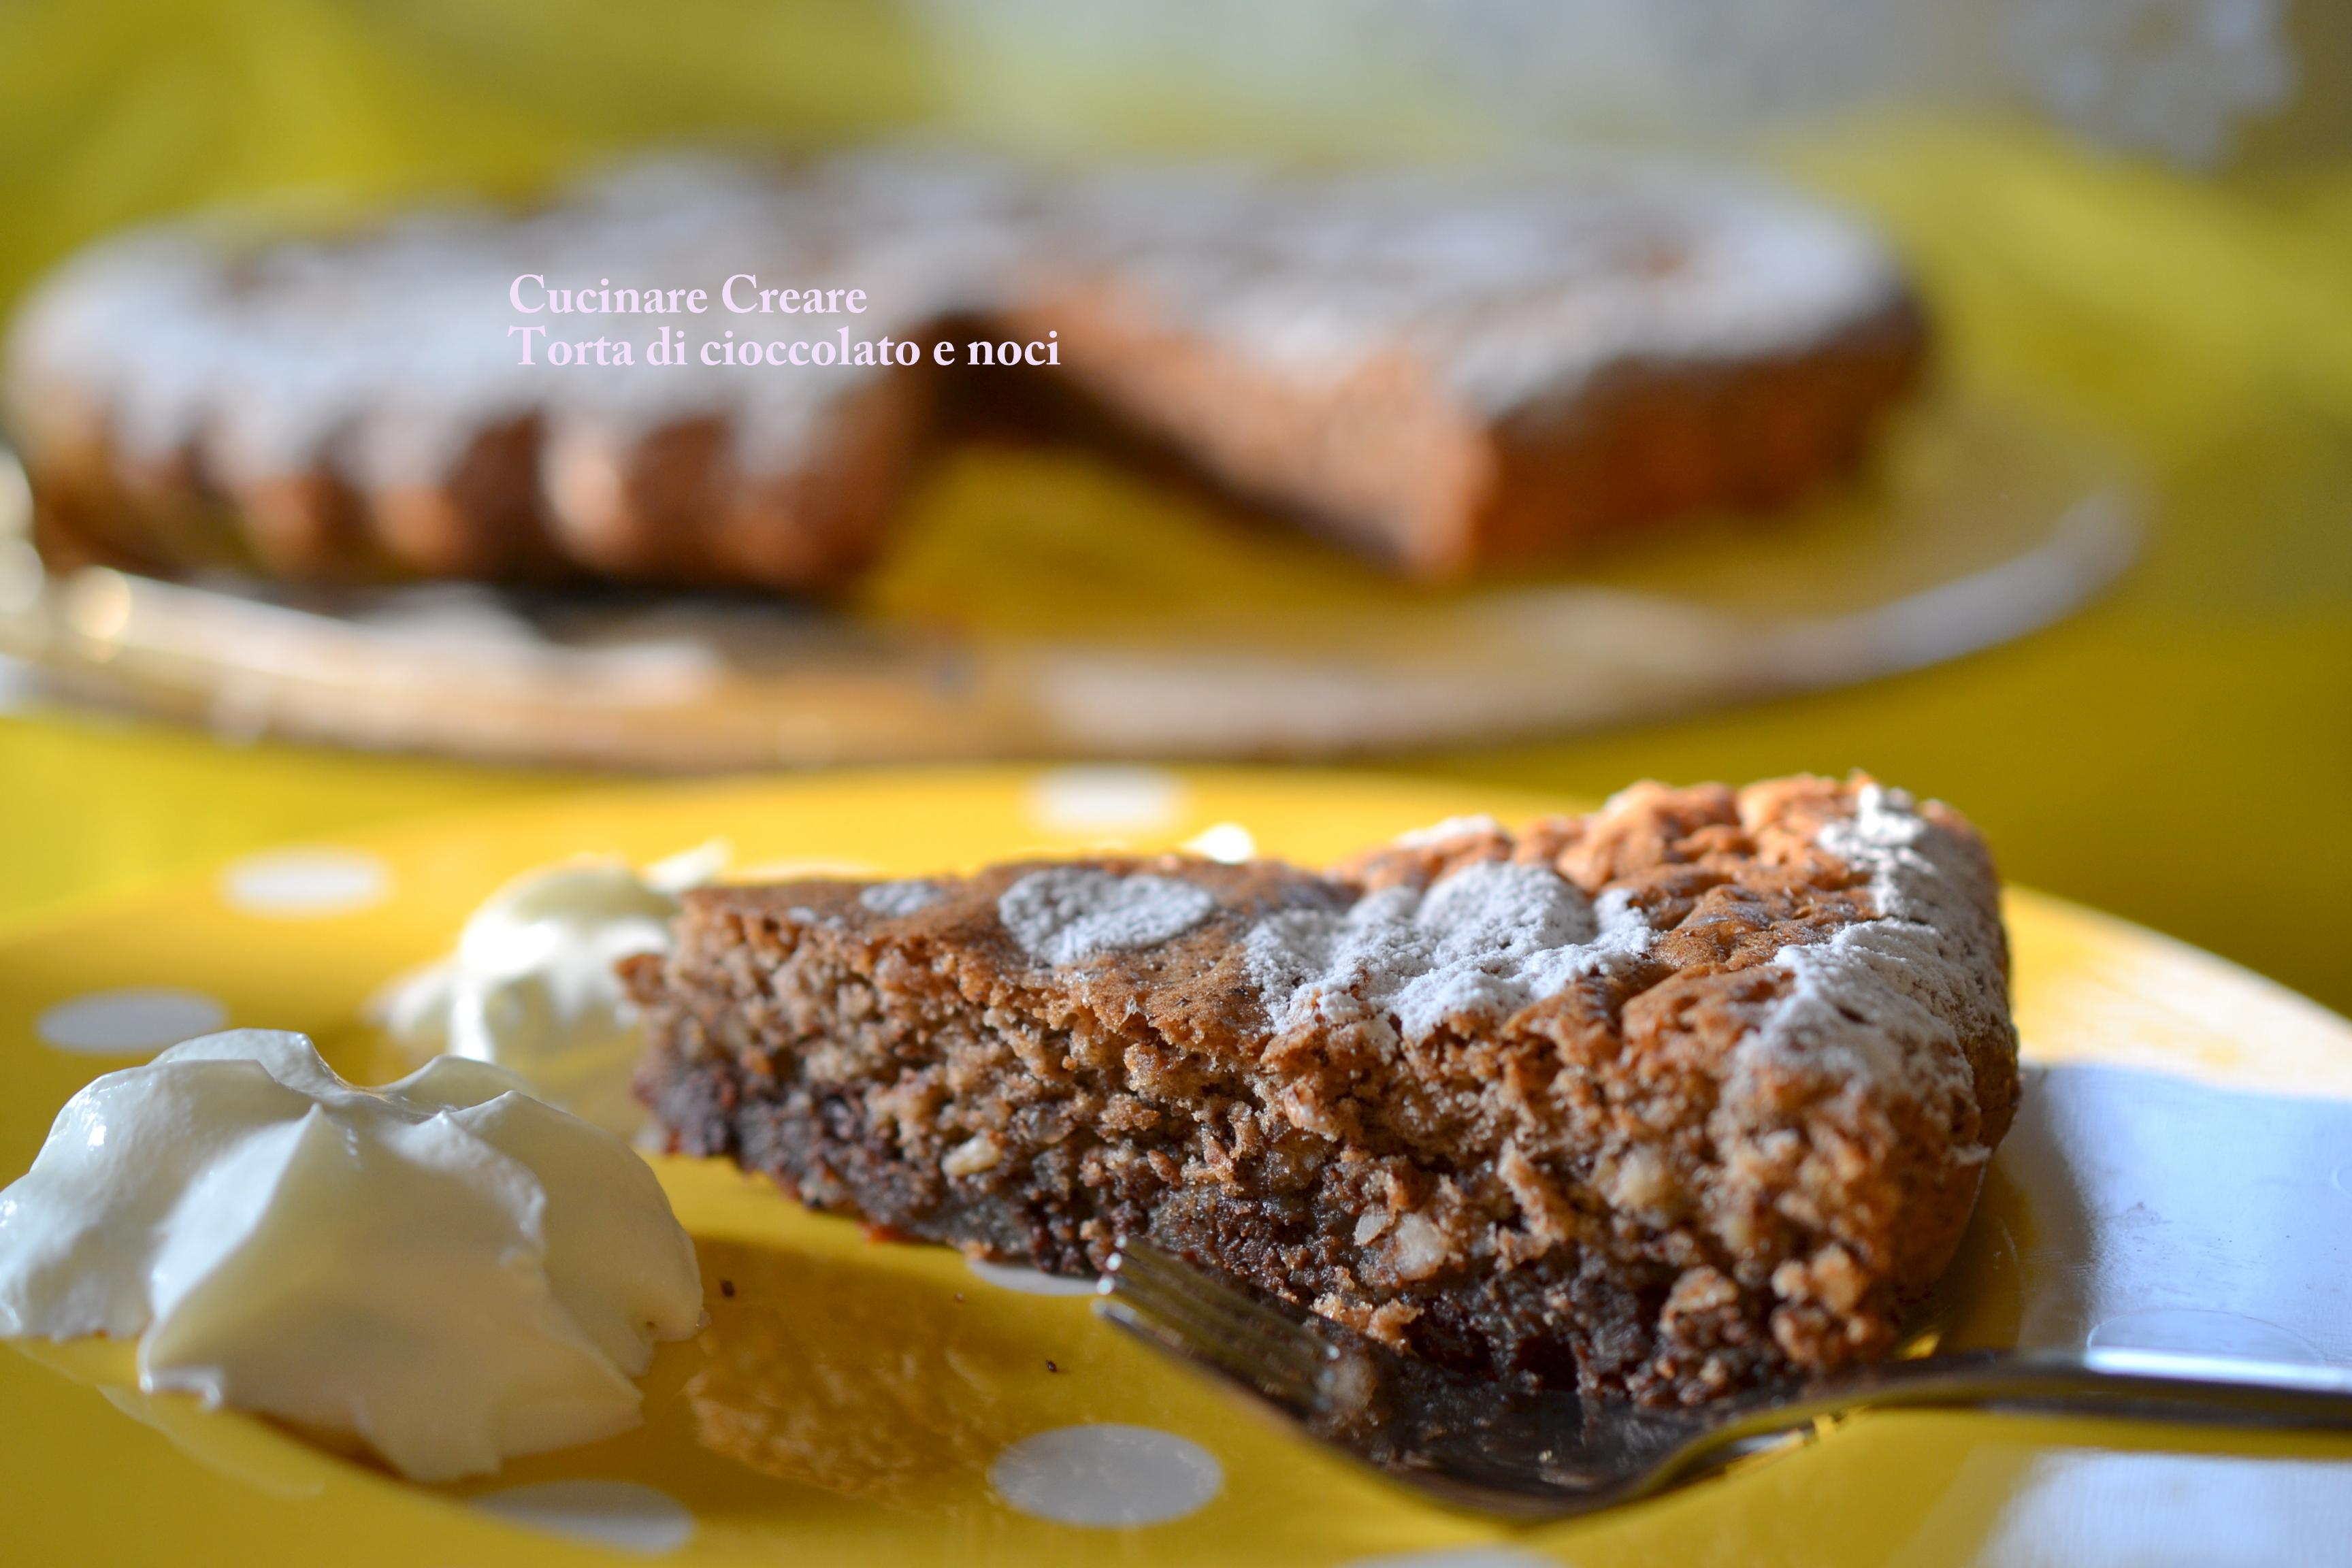 Cucinare creare dolci senza glutine share the knownledge for Cucinare qualcosa di particolare